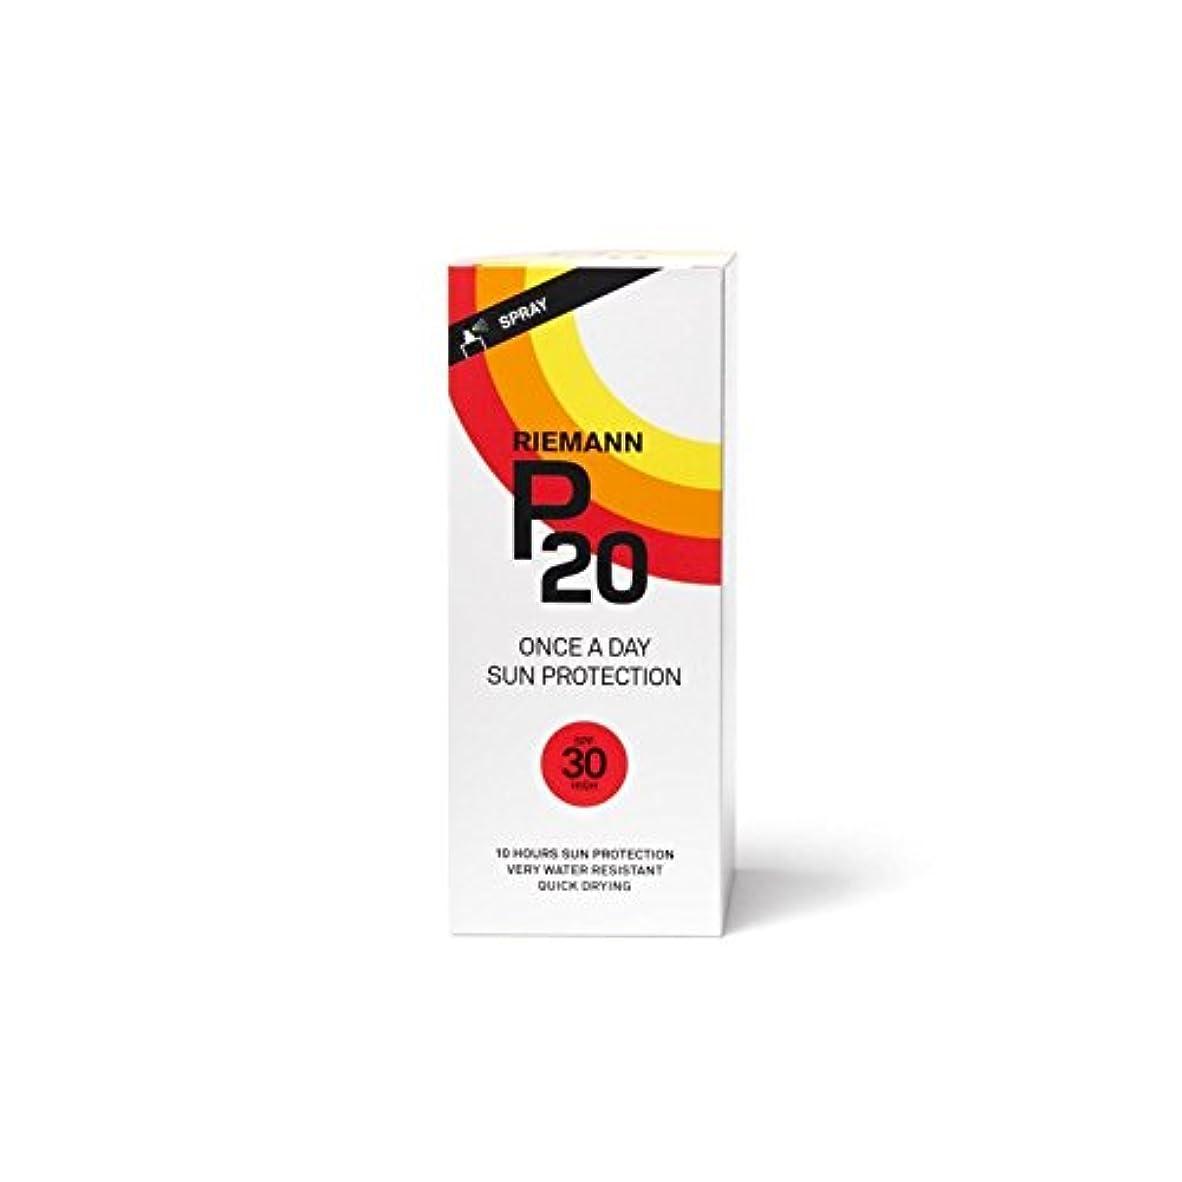 メカニックトロリー牧師リーマン20のサンフィルター200ミリリットル30 x4 - Riemann P20 Sun Filter 200ml SPF30 (Pack of 4) [並行輸入品]